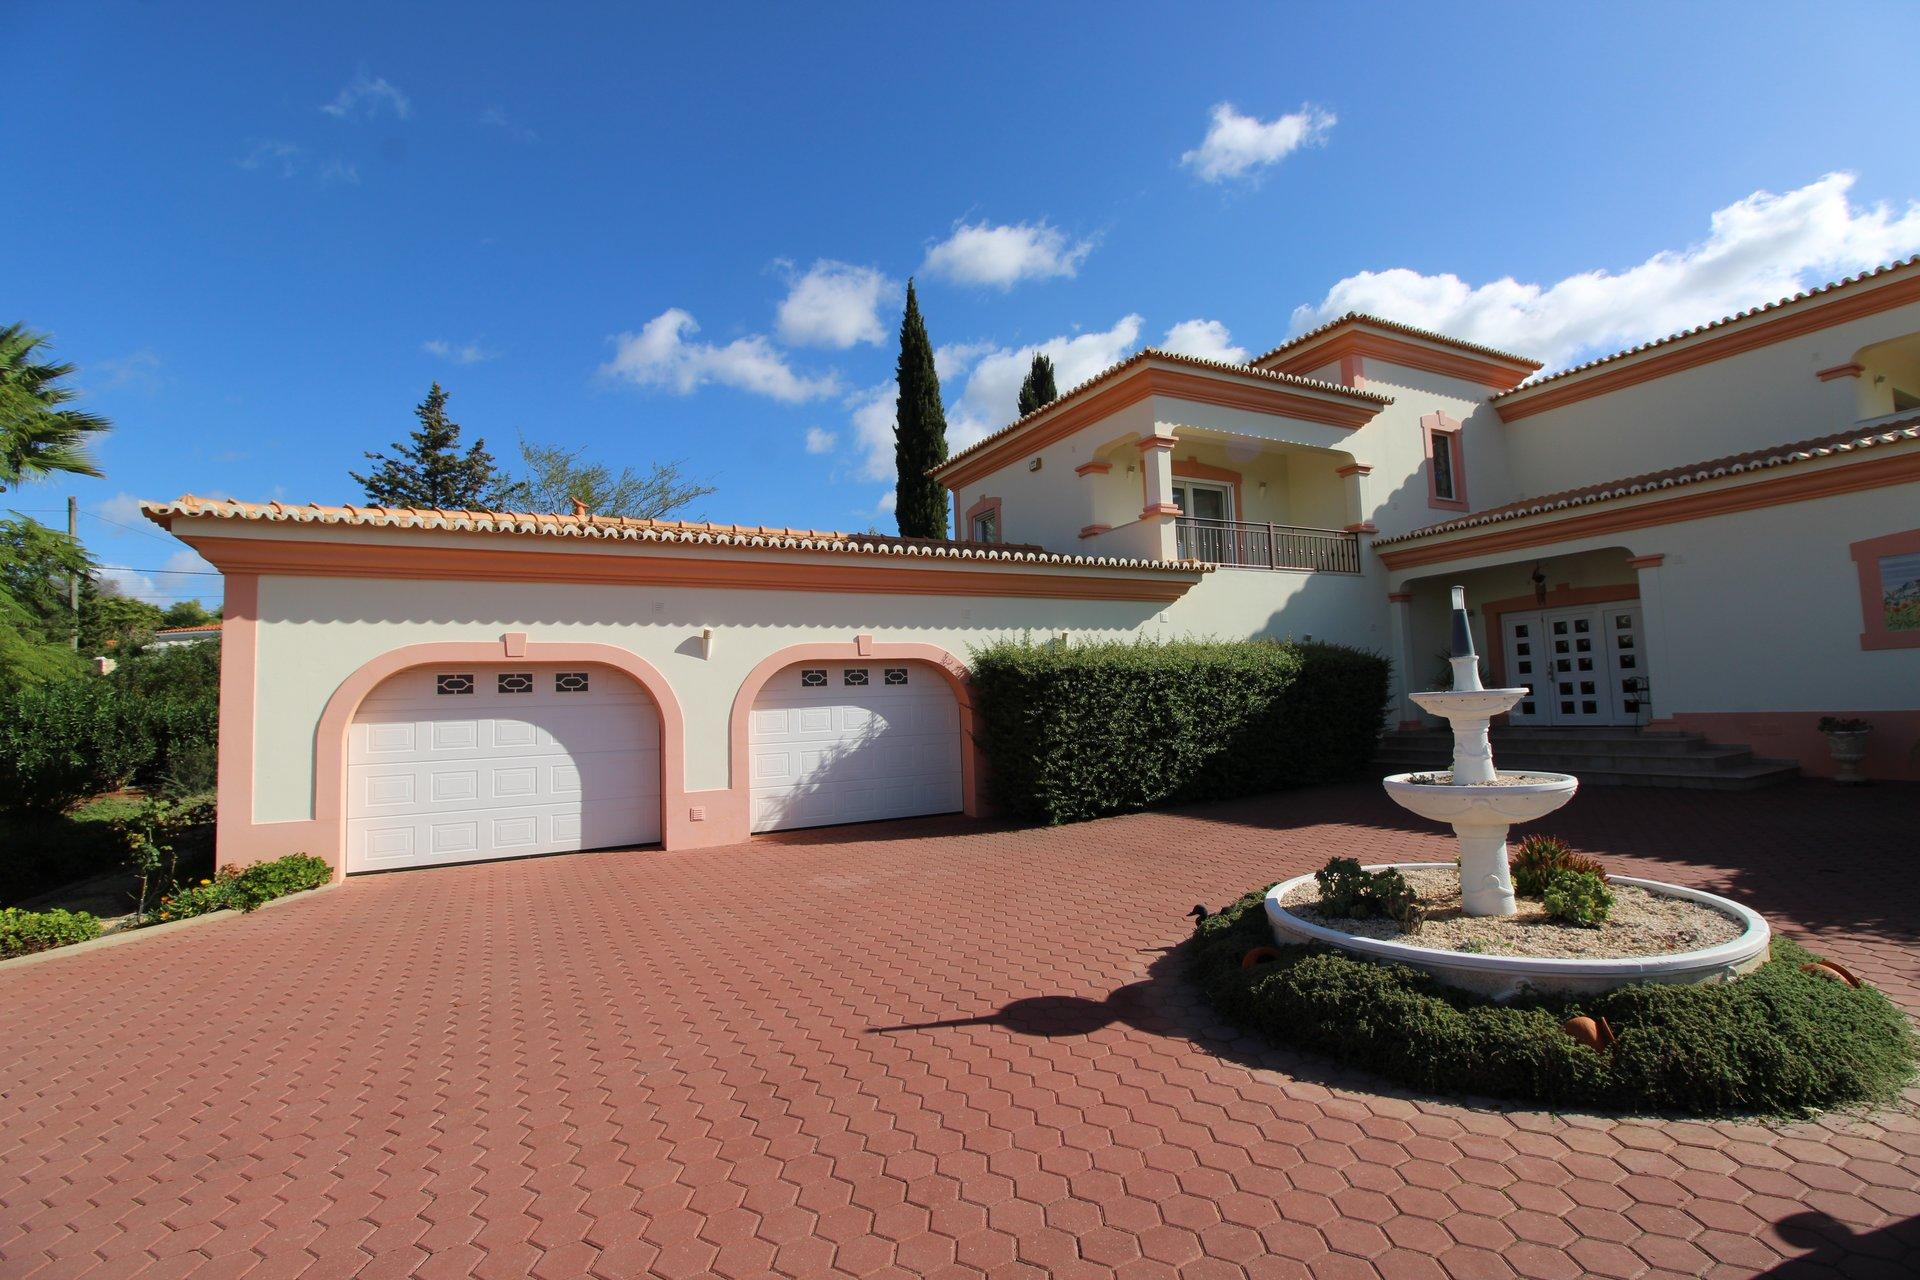 5 Bedroom Villa Alvor, Western Algarve Ref: MV24155